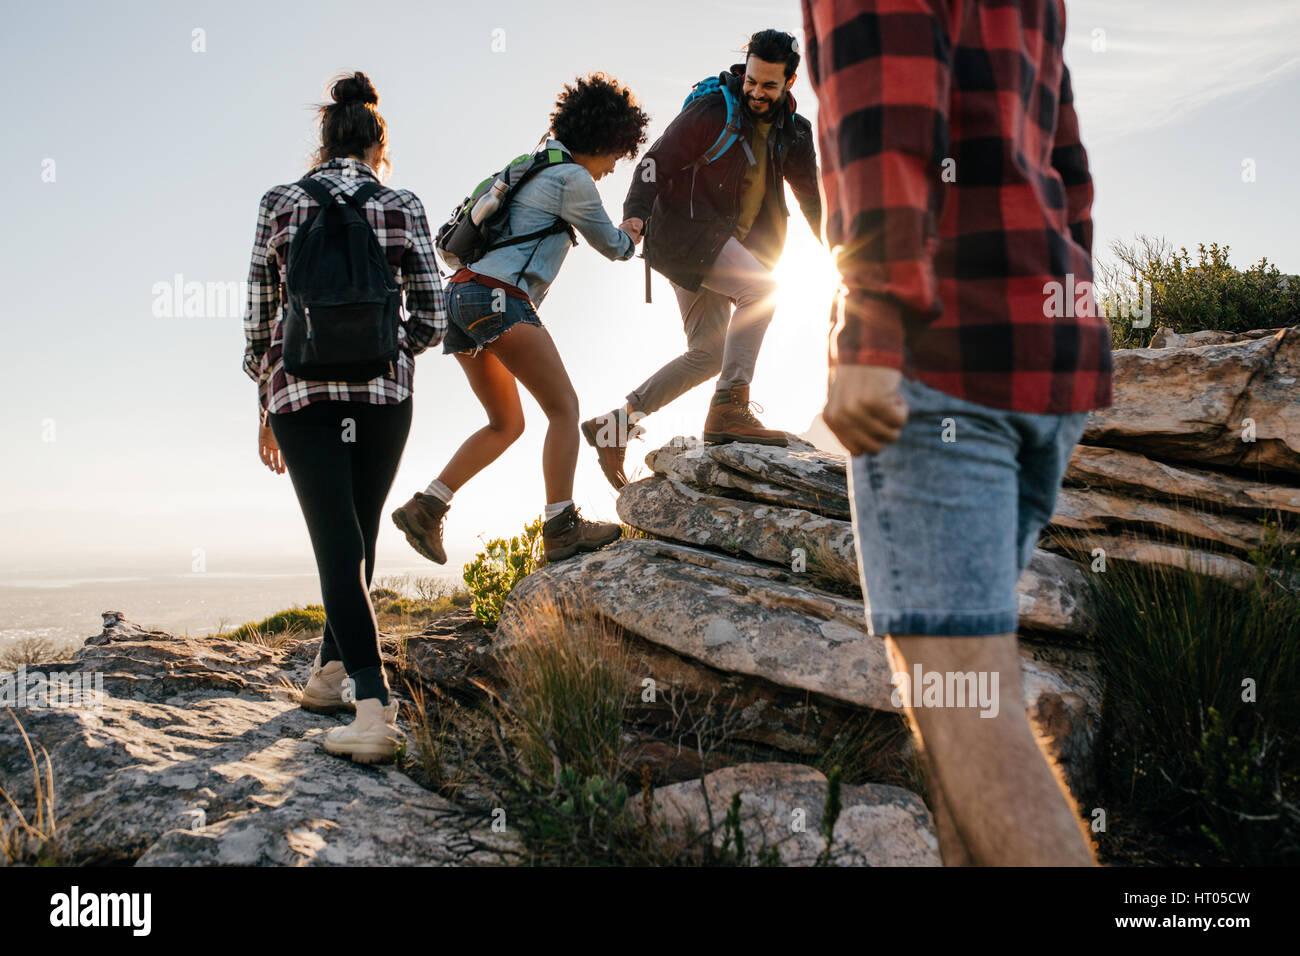 Grupo de excursionistas con mochilas caminando sobre una montaña. Cuatro amigos haciendo una excursión Imagen De Stock